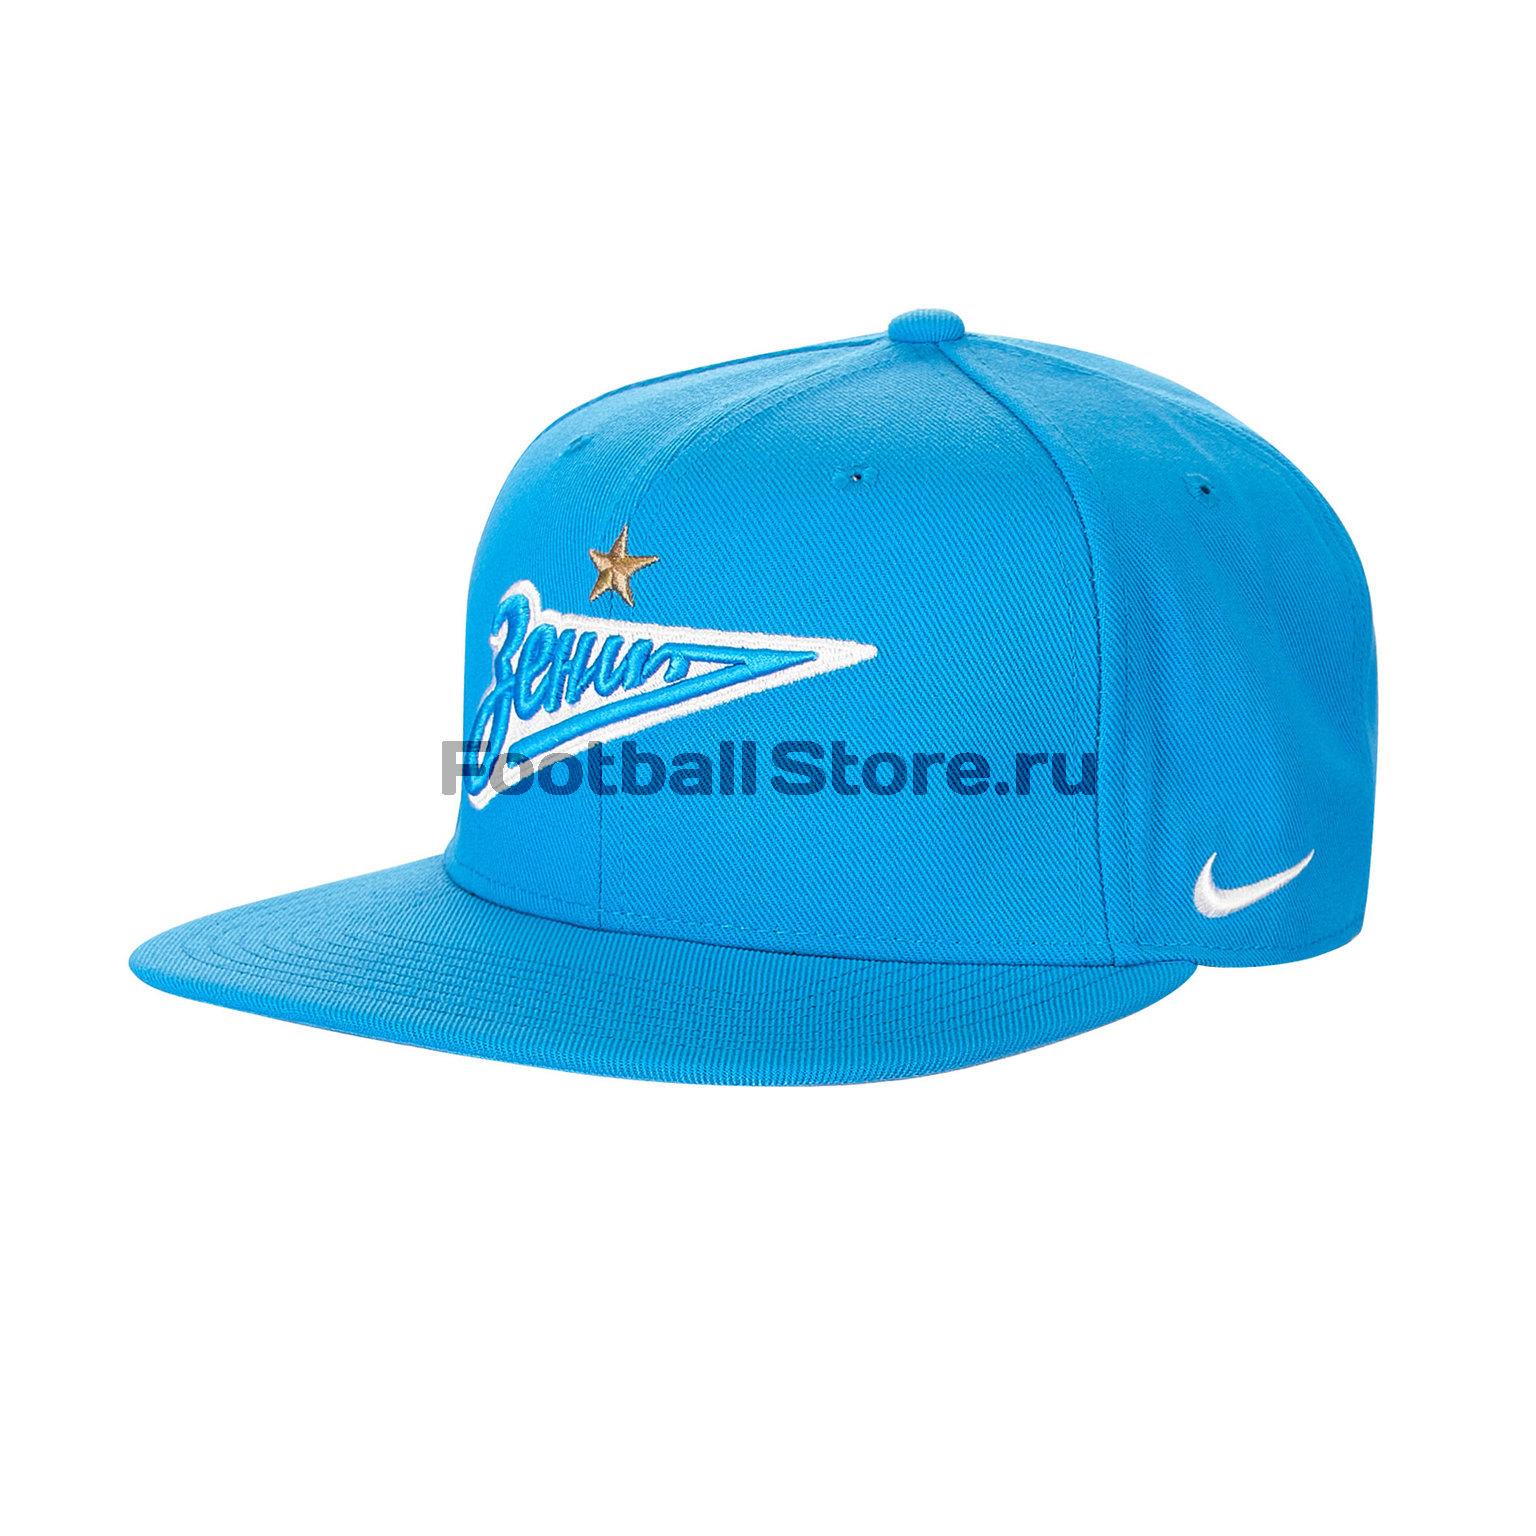 Бейсболка Nike Zenit Pro Cap BV4281-446